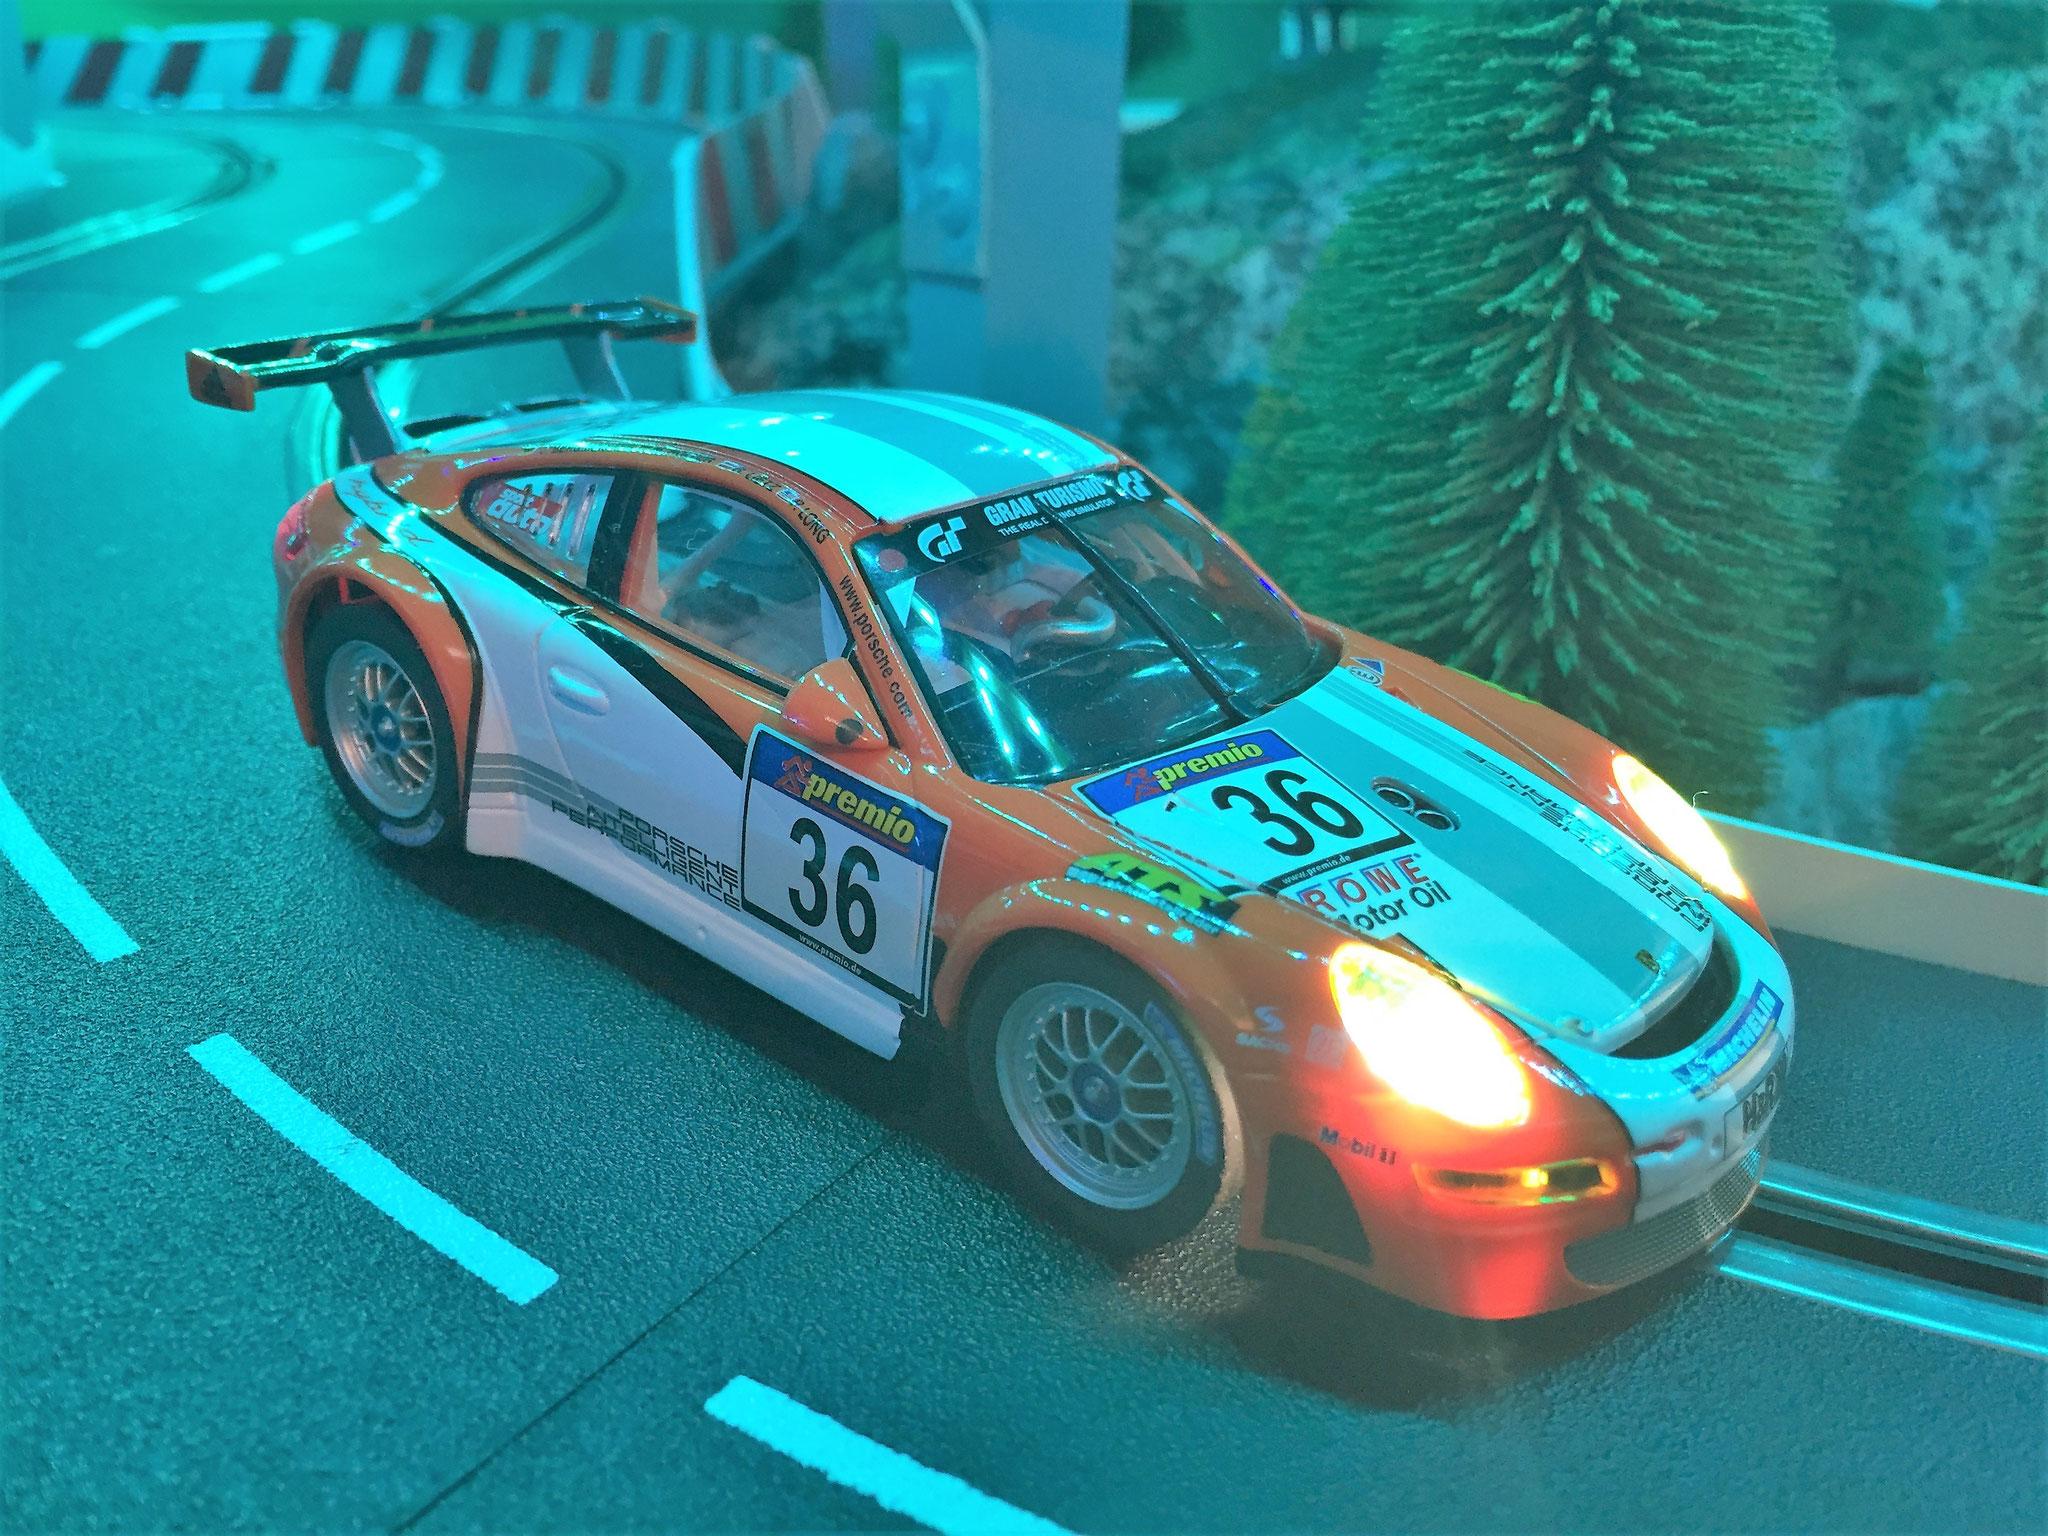 Porsche GT3 RSR Hybrid